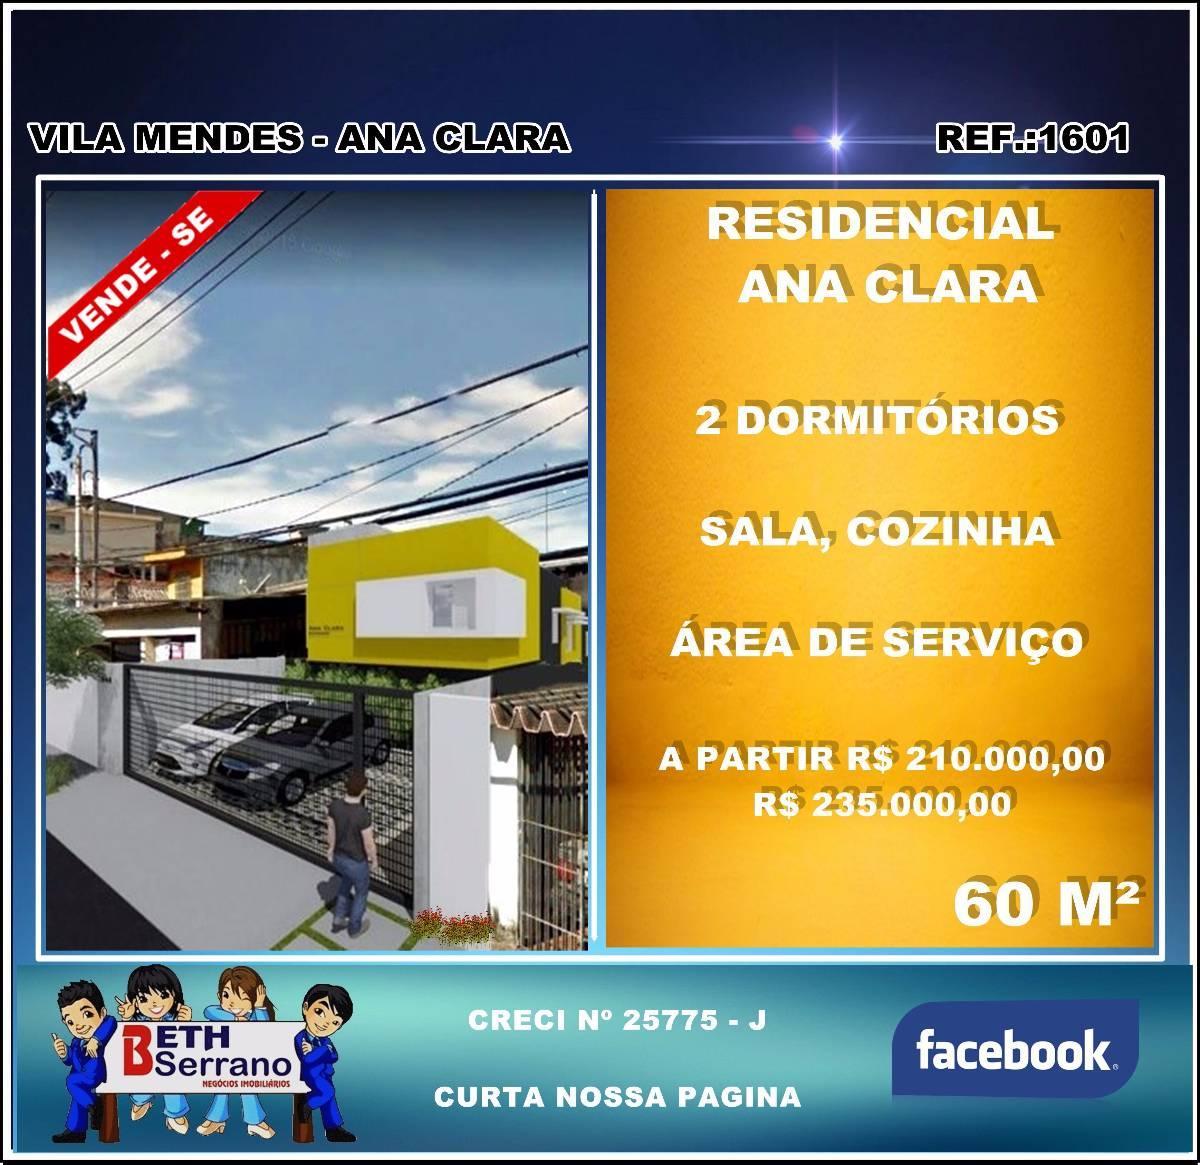 Sobrado em Condomínio 60 m² para Venda no bairro Vila Mendes